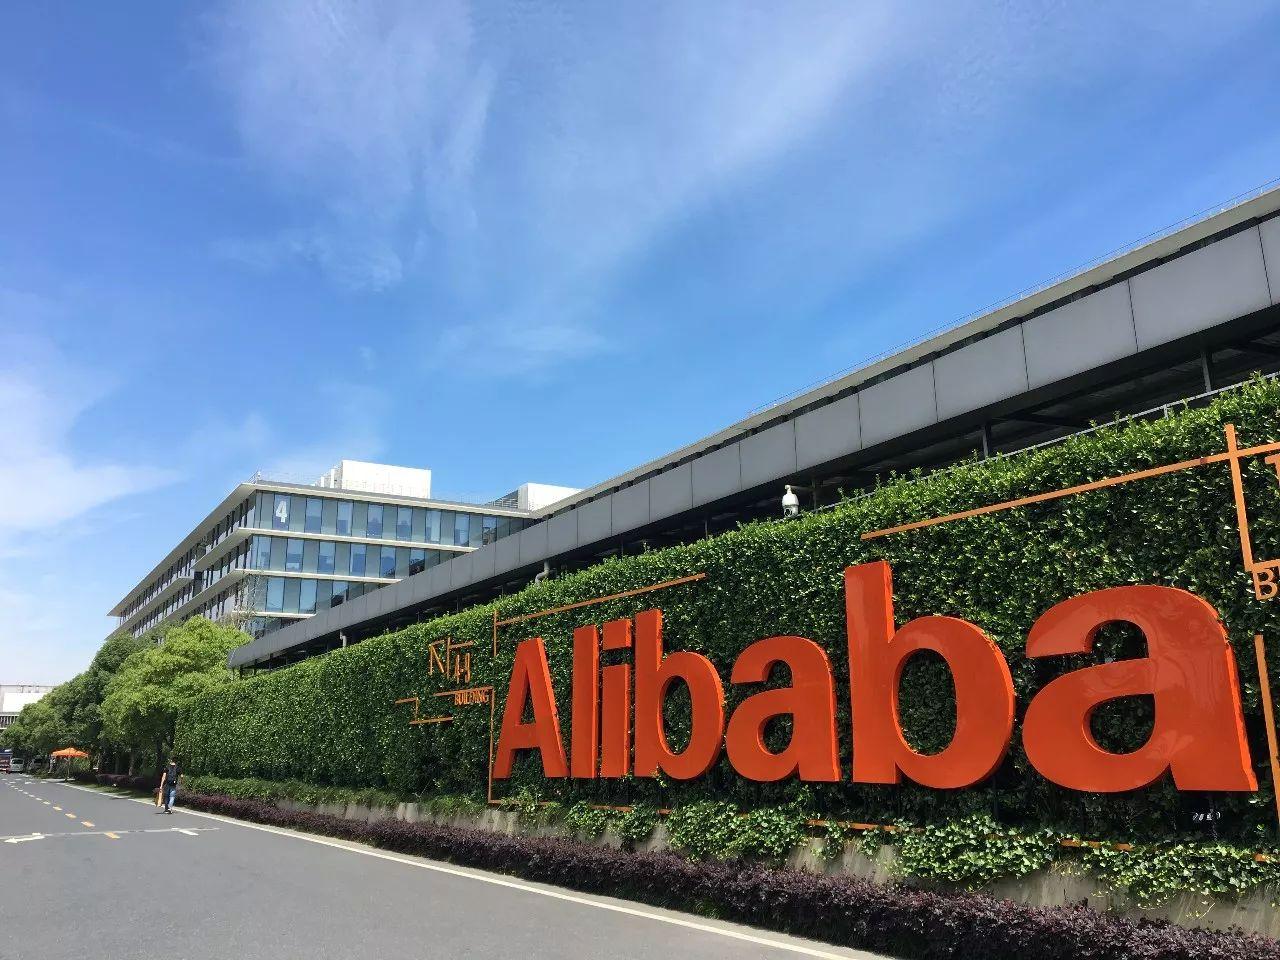 Alibaba จะผนวกเทคโนโลยีบล็อกเชนเข้ากับระบบทรัพย์สินทางปัญญาของบริษัท